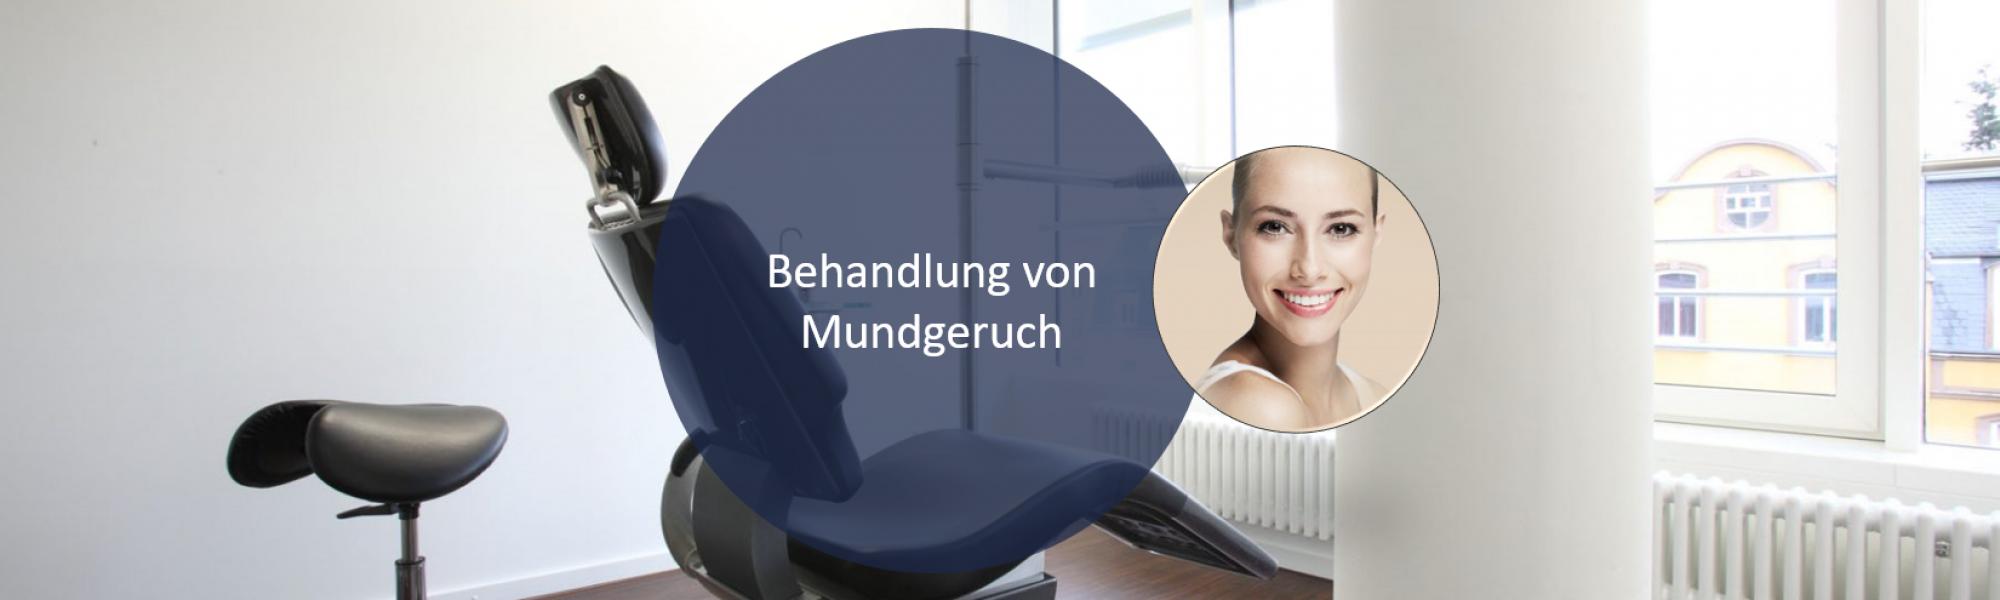 Mundgeruch im Dental Centrum Bethanien bei Groisman & Laube behandeln